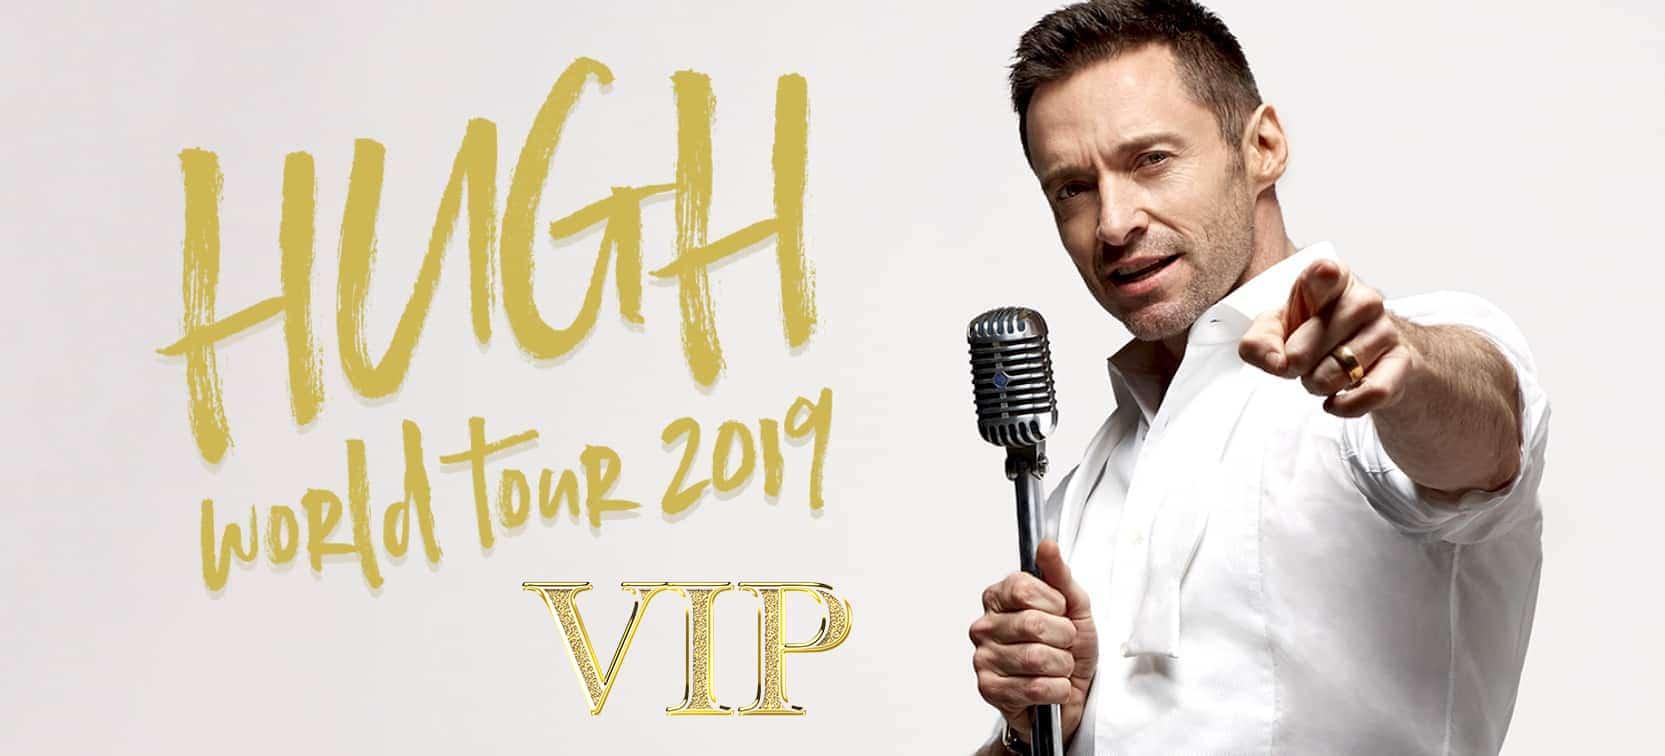 Hugh-Jackman-Tour-2019-VIP